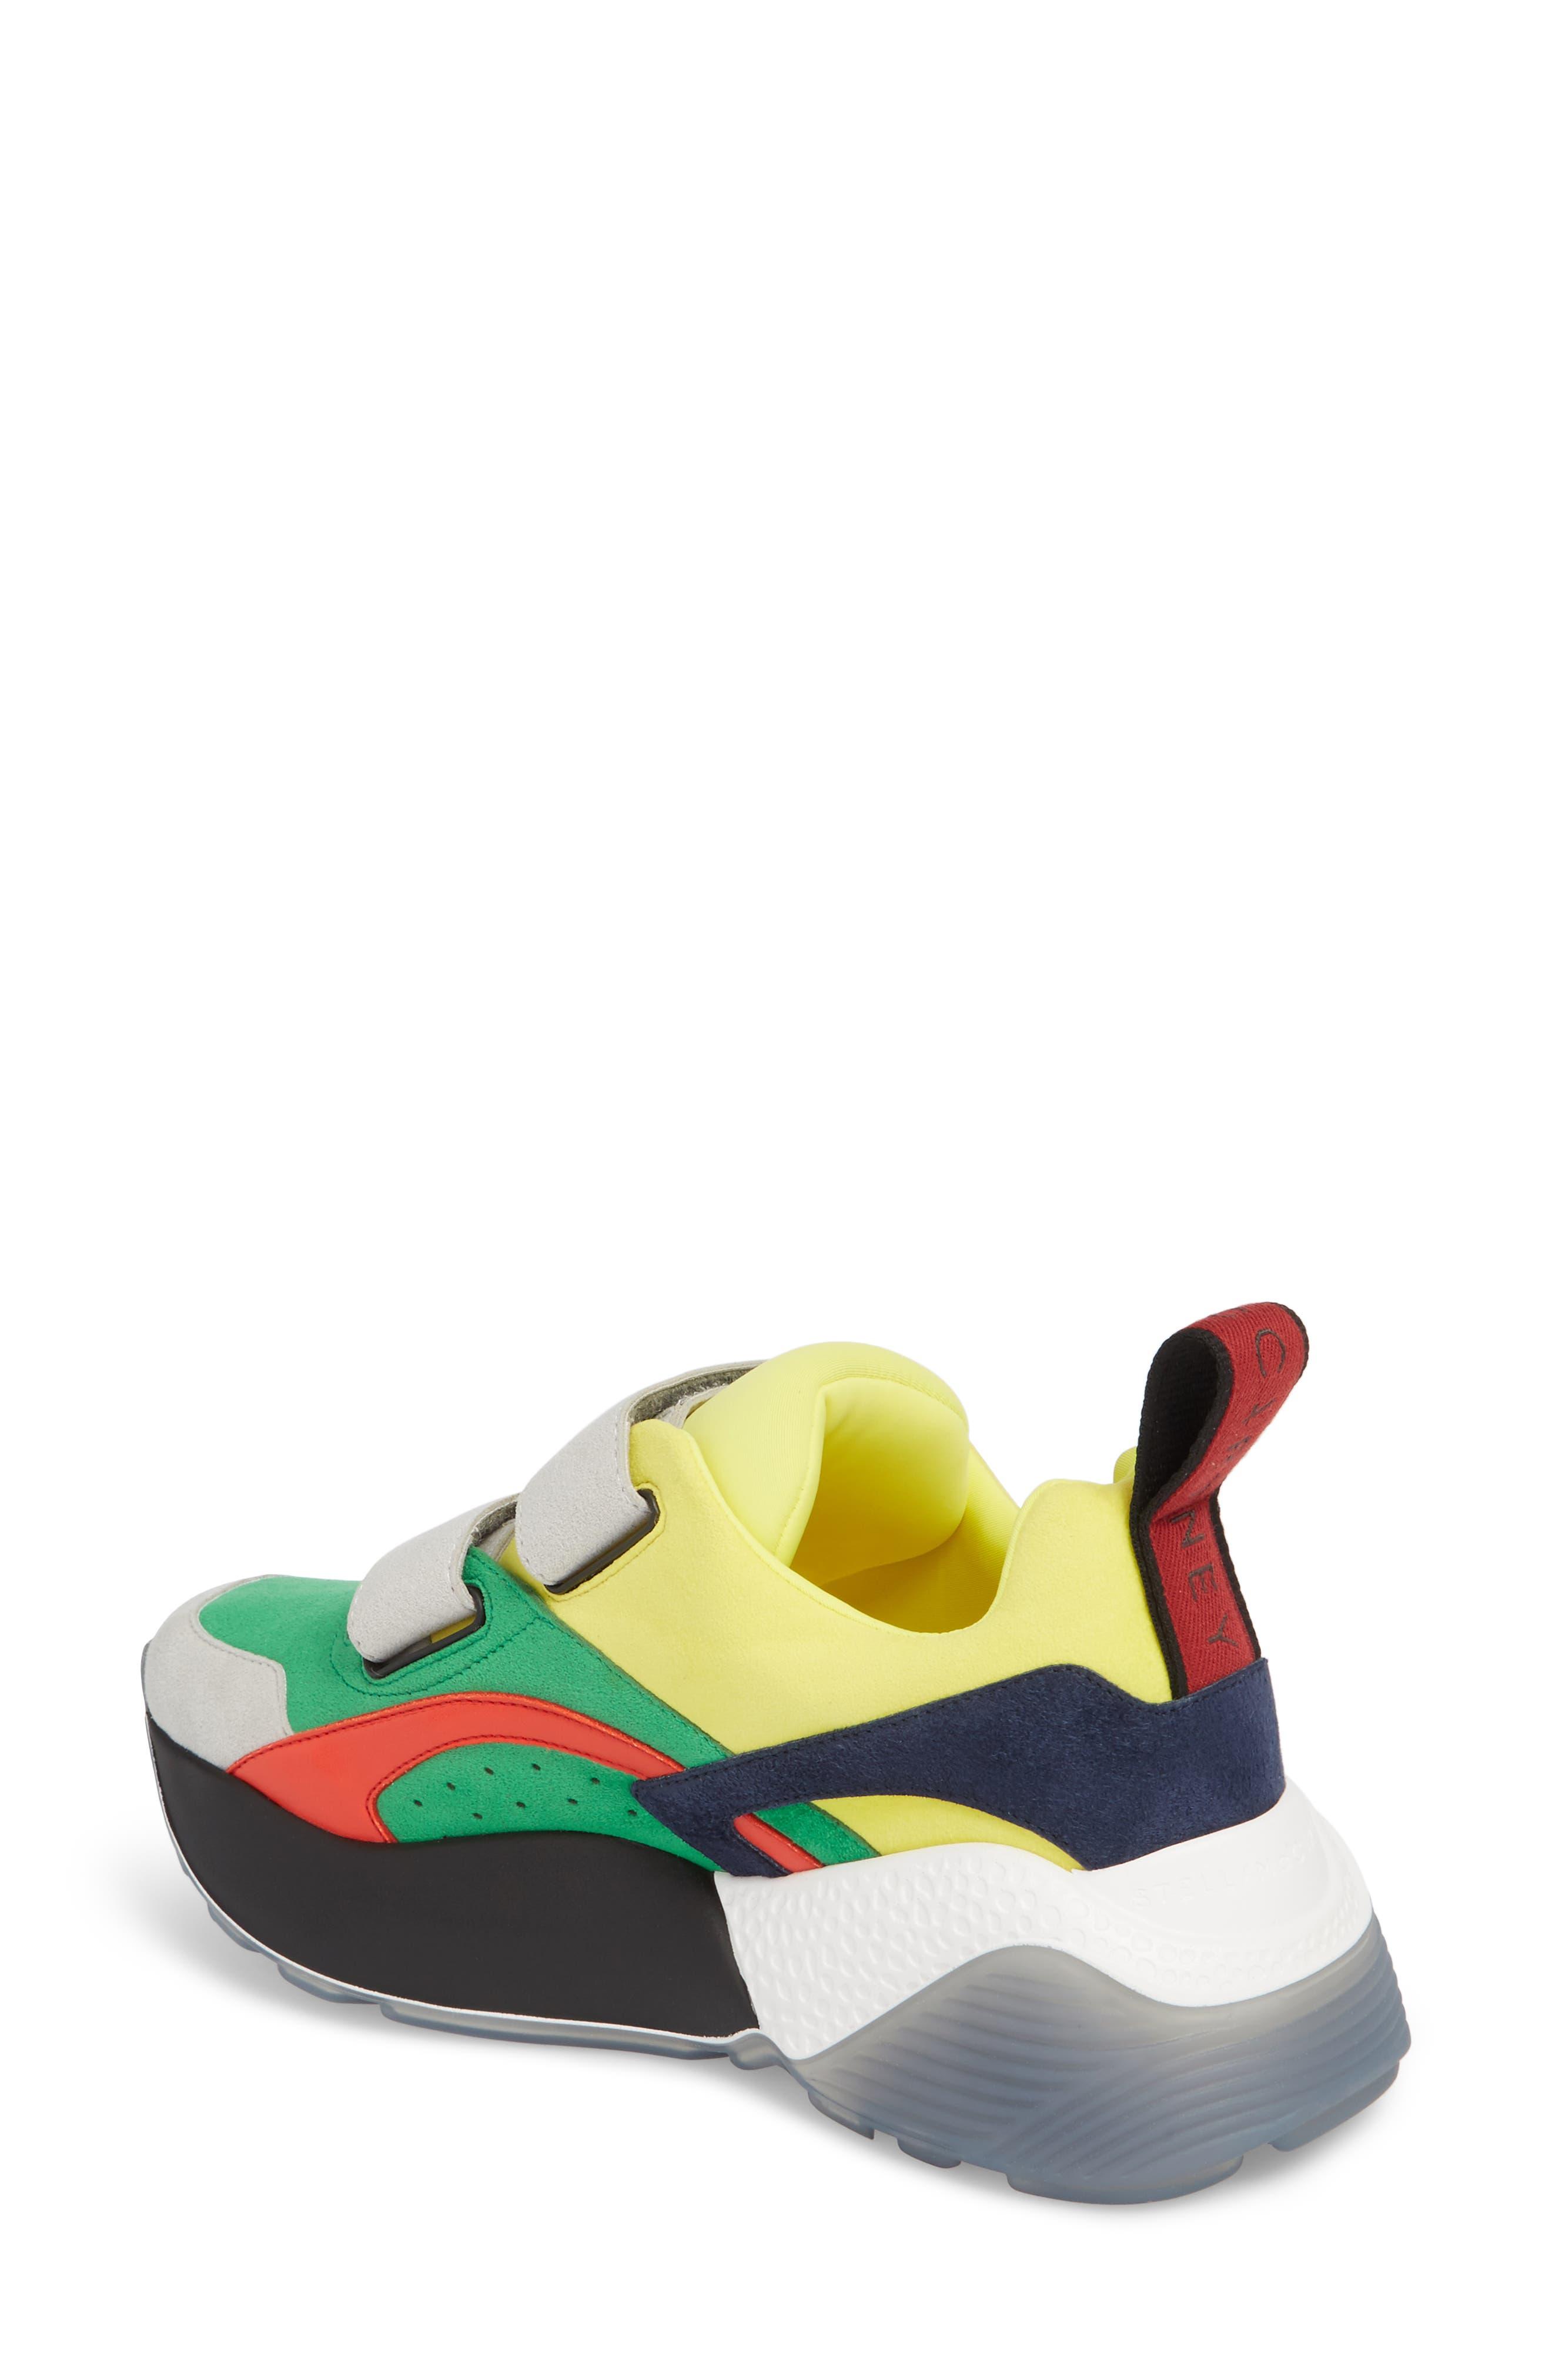 Low Top Sneaker,                             Alternate thumbnail 2, color,